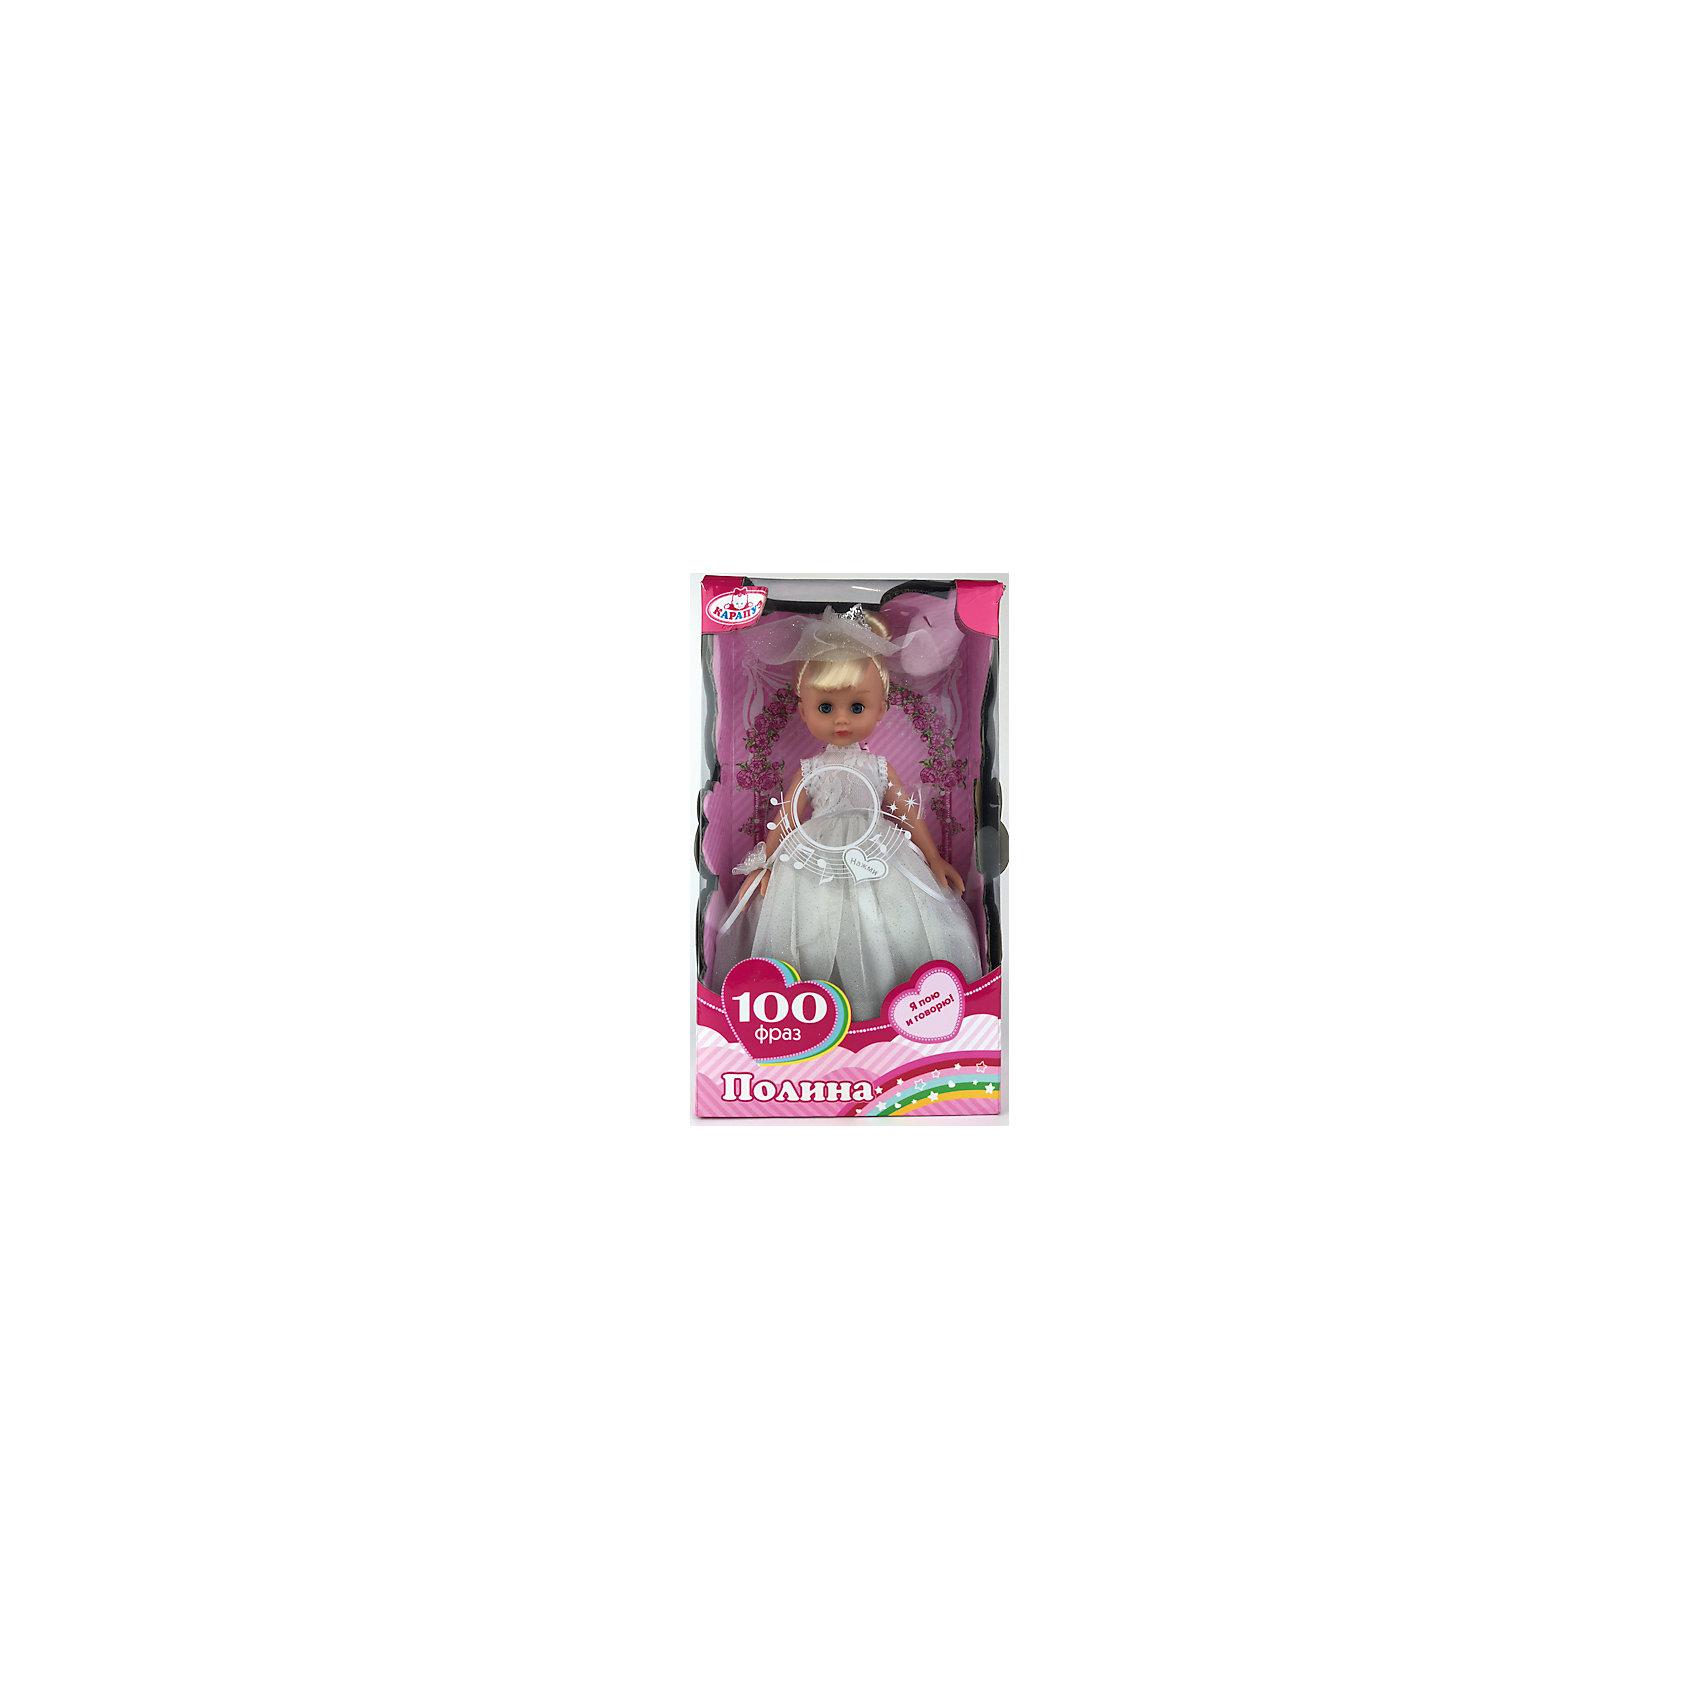 Кукла Невеста, 33 см, 100 фраз, КарапузКукла Невеста, 33 см, 100 фраз, Карапуз.<br><br>Характеристика:<br><br>• Материал: пластик, текстиль. <br>• Размер куклы: 33 см. <br>• Голова, руки, ноги подвижные. <br>• В комплекте кукла в платье и аксессуары. <br>• Закрывает и открывает глаза. <br>• Кукла умеет разговаривать и петь песенки (около 100 фраз). <br><br>Очаровательная кукла Невеста обязательно понравится девочкам! Она одета в красивое свадебное платье с ажурным верхом и пышной летящей юбкой. На голове у Полины блестящая тиара с вуалью. Волосы куклы мягкие и очень приятные на ощупь, из них получится множество удивительных причесок. Полина умеет говорить и петь веселые песенки - с такой подружкой точно не соскучишься!<br><br>Кукла Невеста, 33 см, 100 фраз, Карапуз, можно купить в нашем интернет-магазине.<br><br>Ширина мм: 80<br>Глубина мм: 340<br>Высота мм: 190<br>Вес г: 470<br>Возраст от месяцев: 36<br>Возраст до месяцев: 72<br>Пол: Женский<br>Возраст: Детский<br>SKU: 5154123